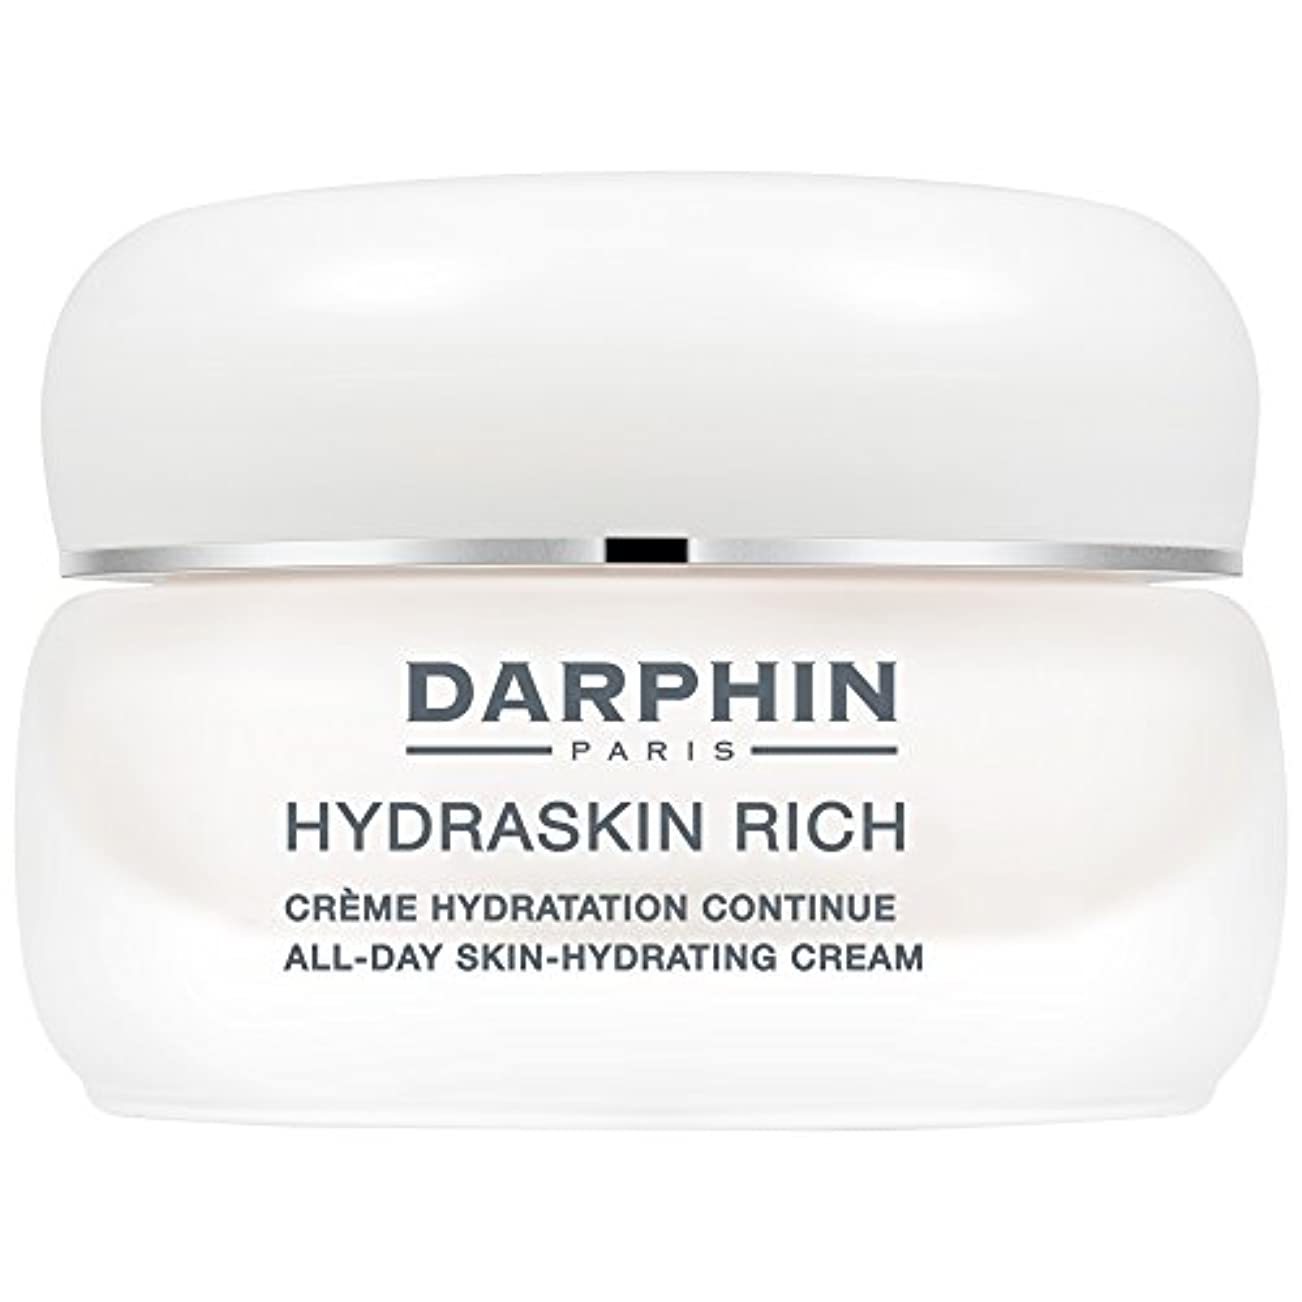 エクスタシー段落偽造ダルファンリッチHydraskin、50ミリリットル (Darphin) (x6) - Darphin Hydraskin Rich, 50ml (Pack of 6) [並行輸入品]